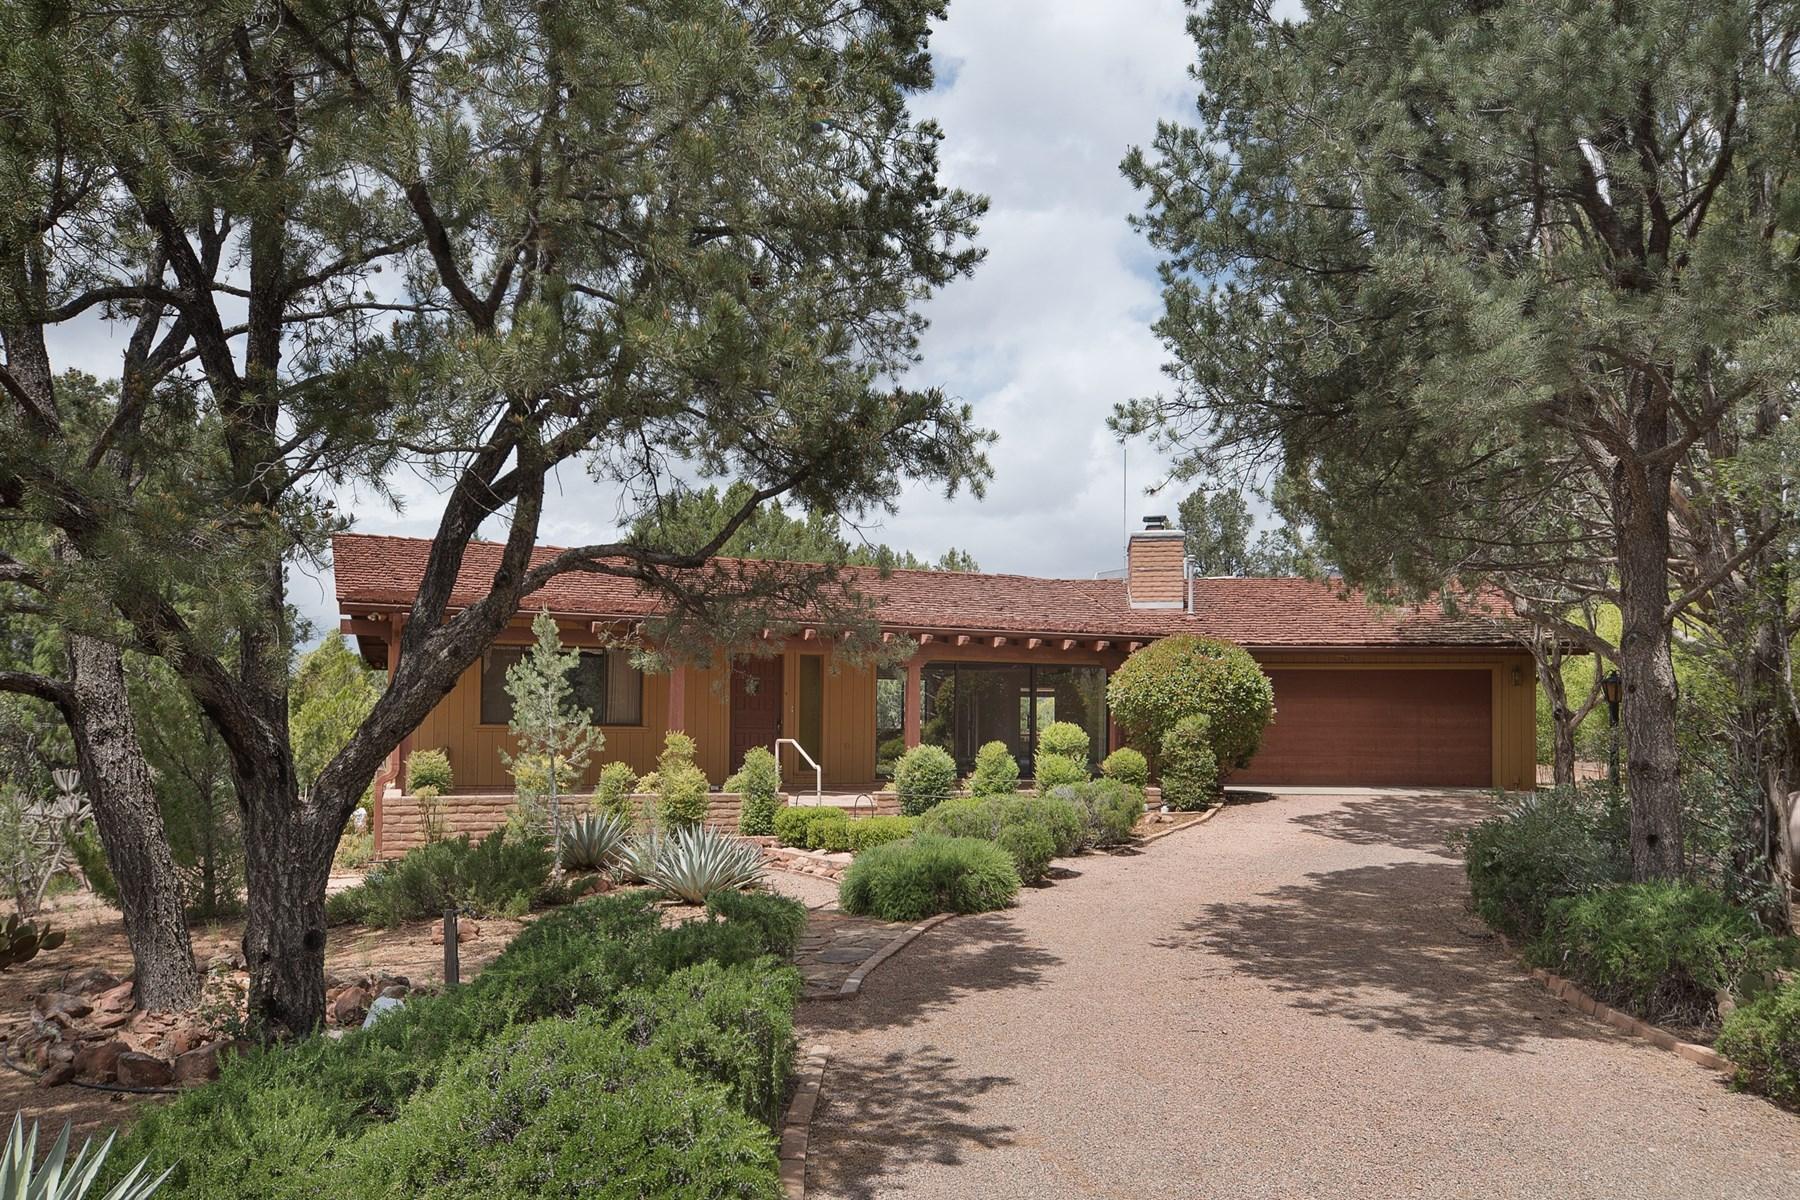 Tek Ailelik Ev için Satış at Solidly built home with a spacious and comfortable floor plan 411 Fox Rd Sedona, Arizona 86336 Amerika Birleşik Devletleri